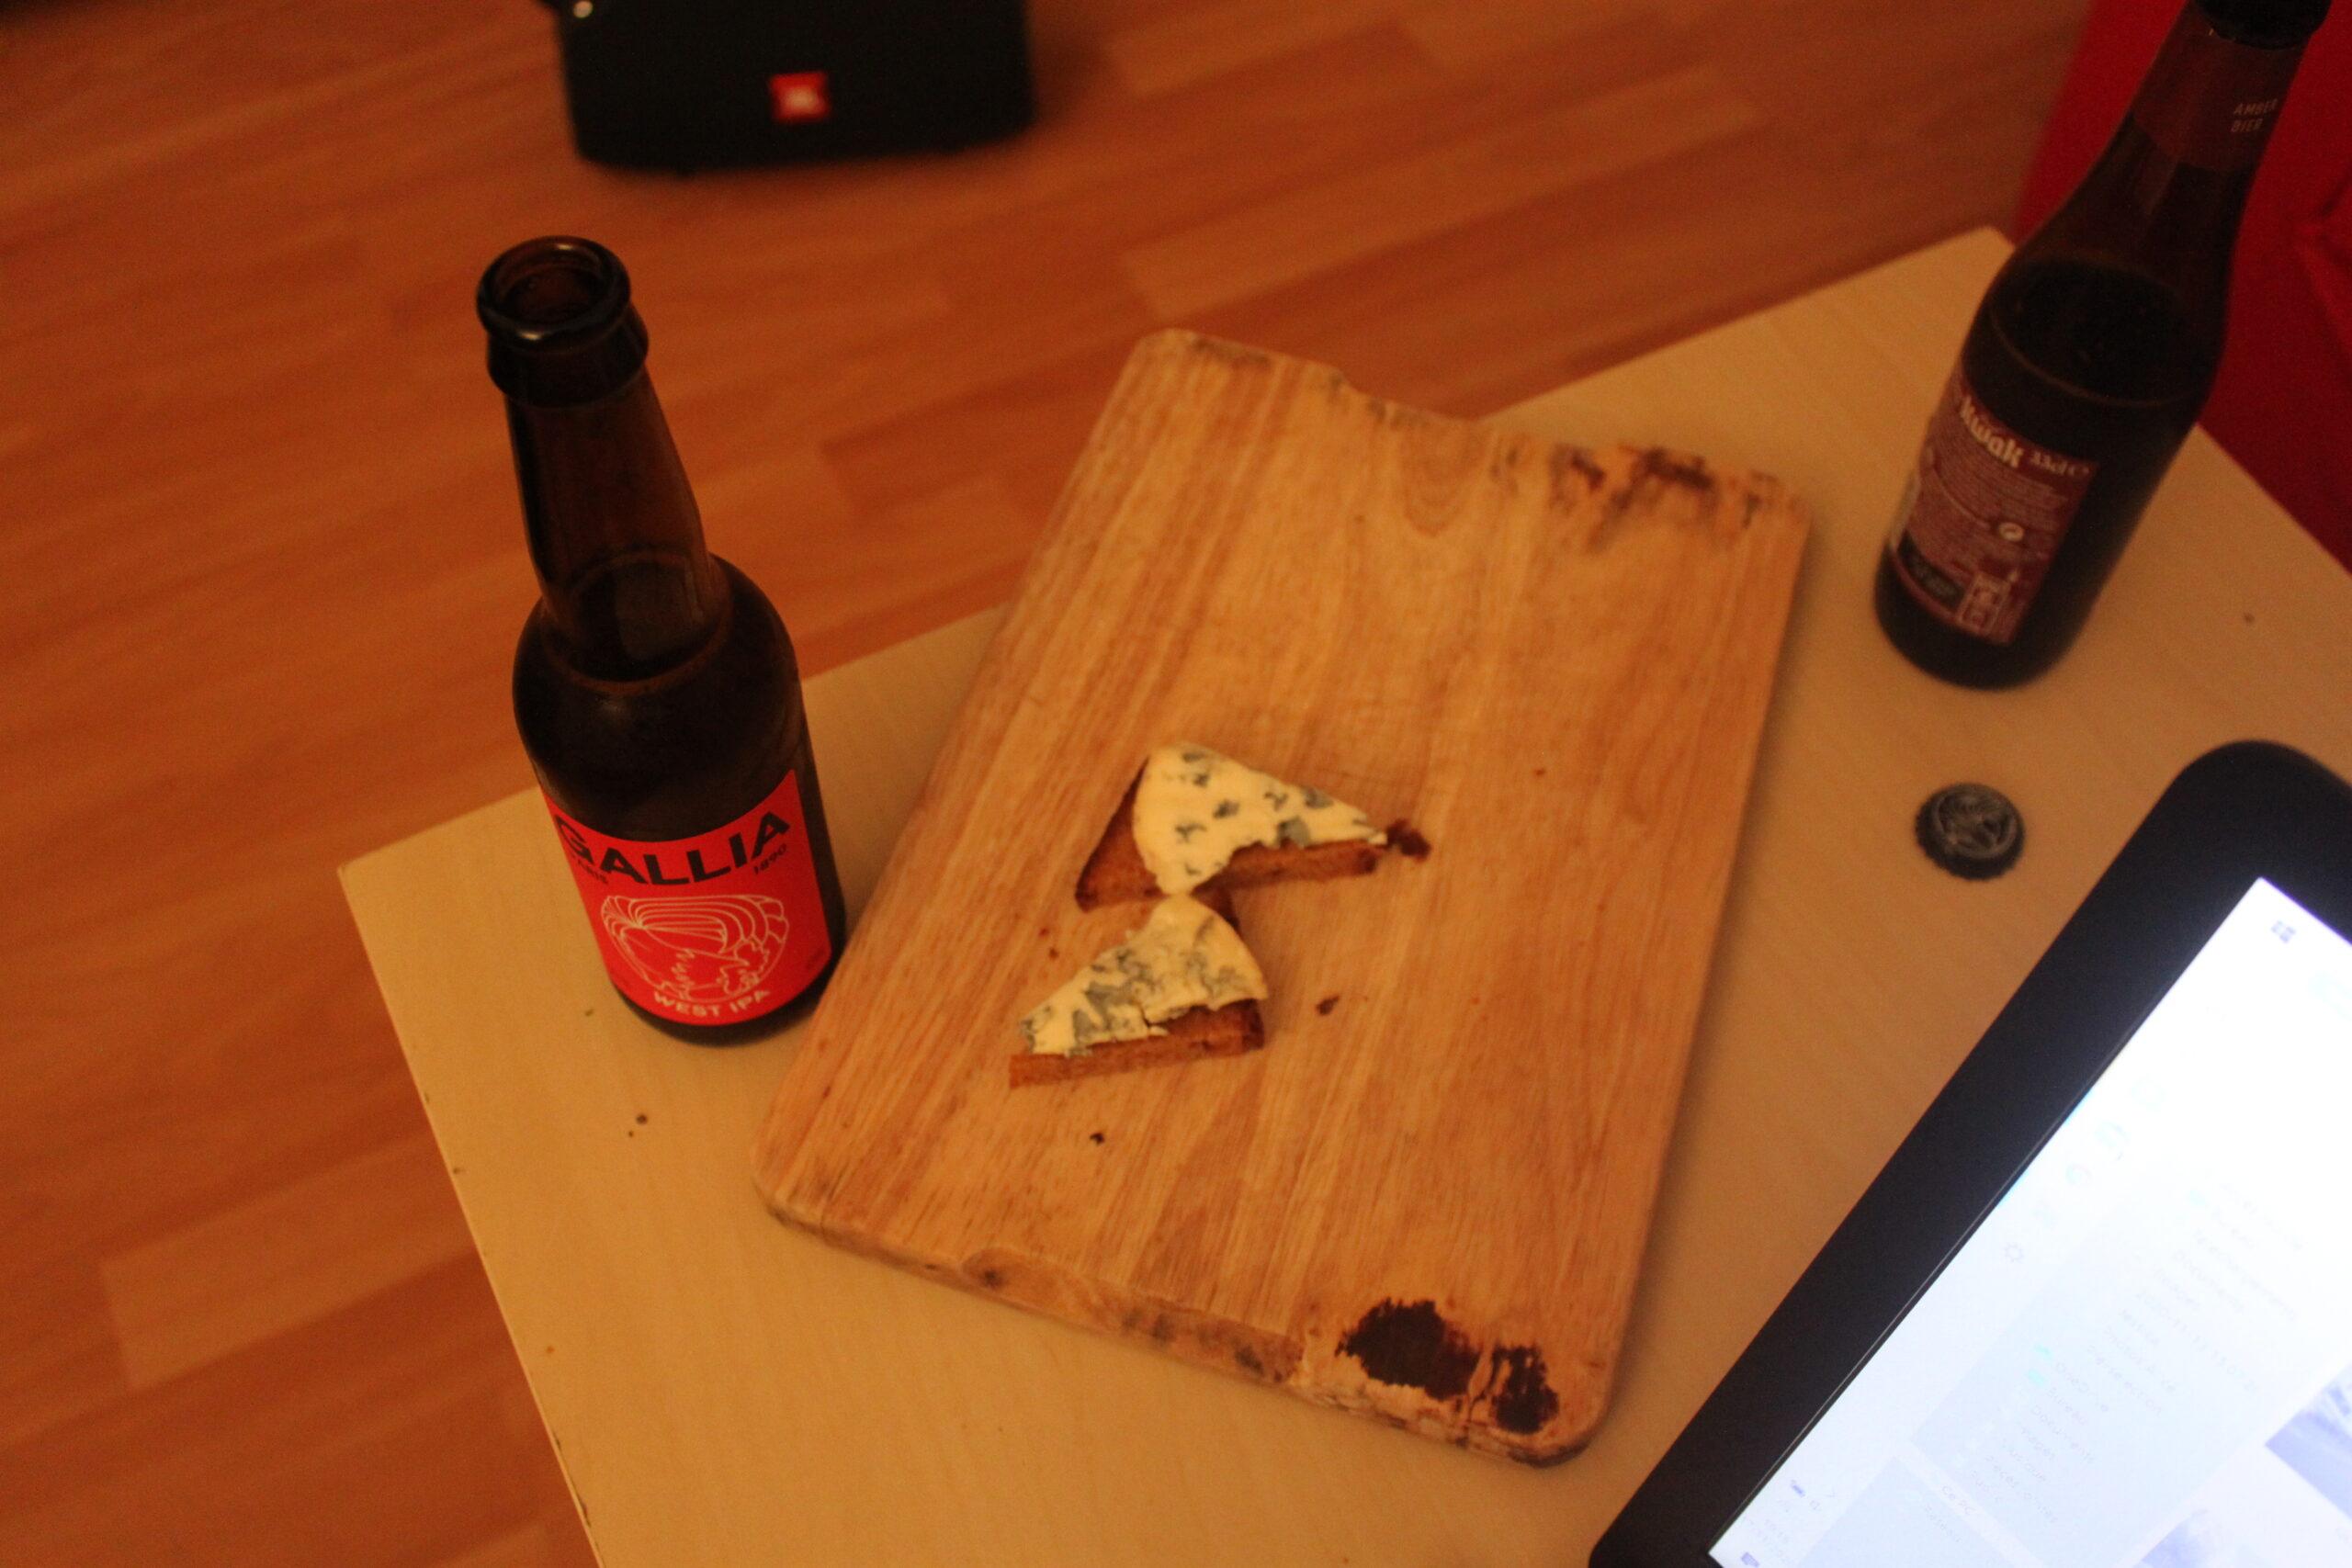 Fin de journée : sur un plateau il y a du fromage et à côté deux bières.